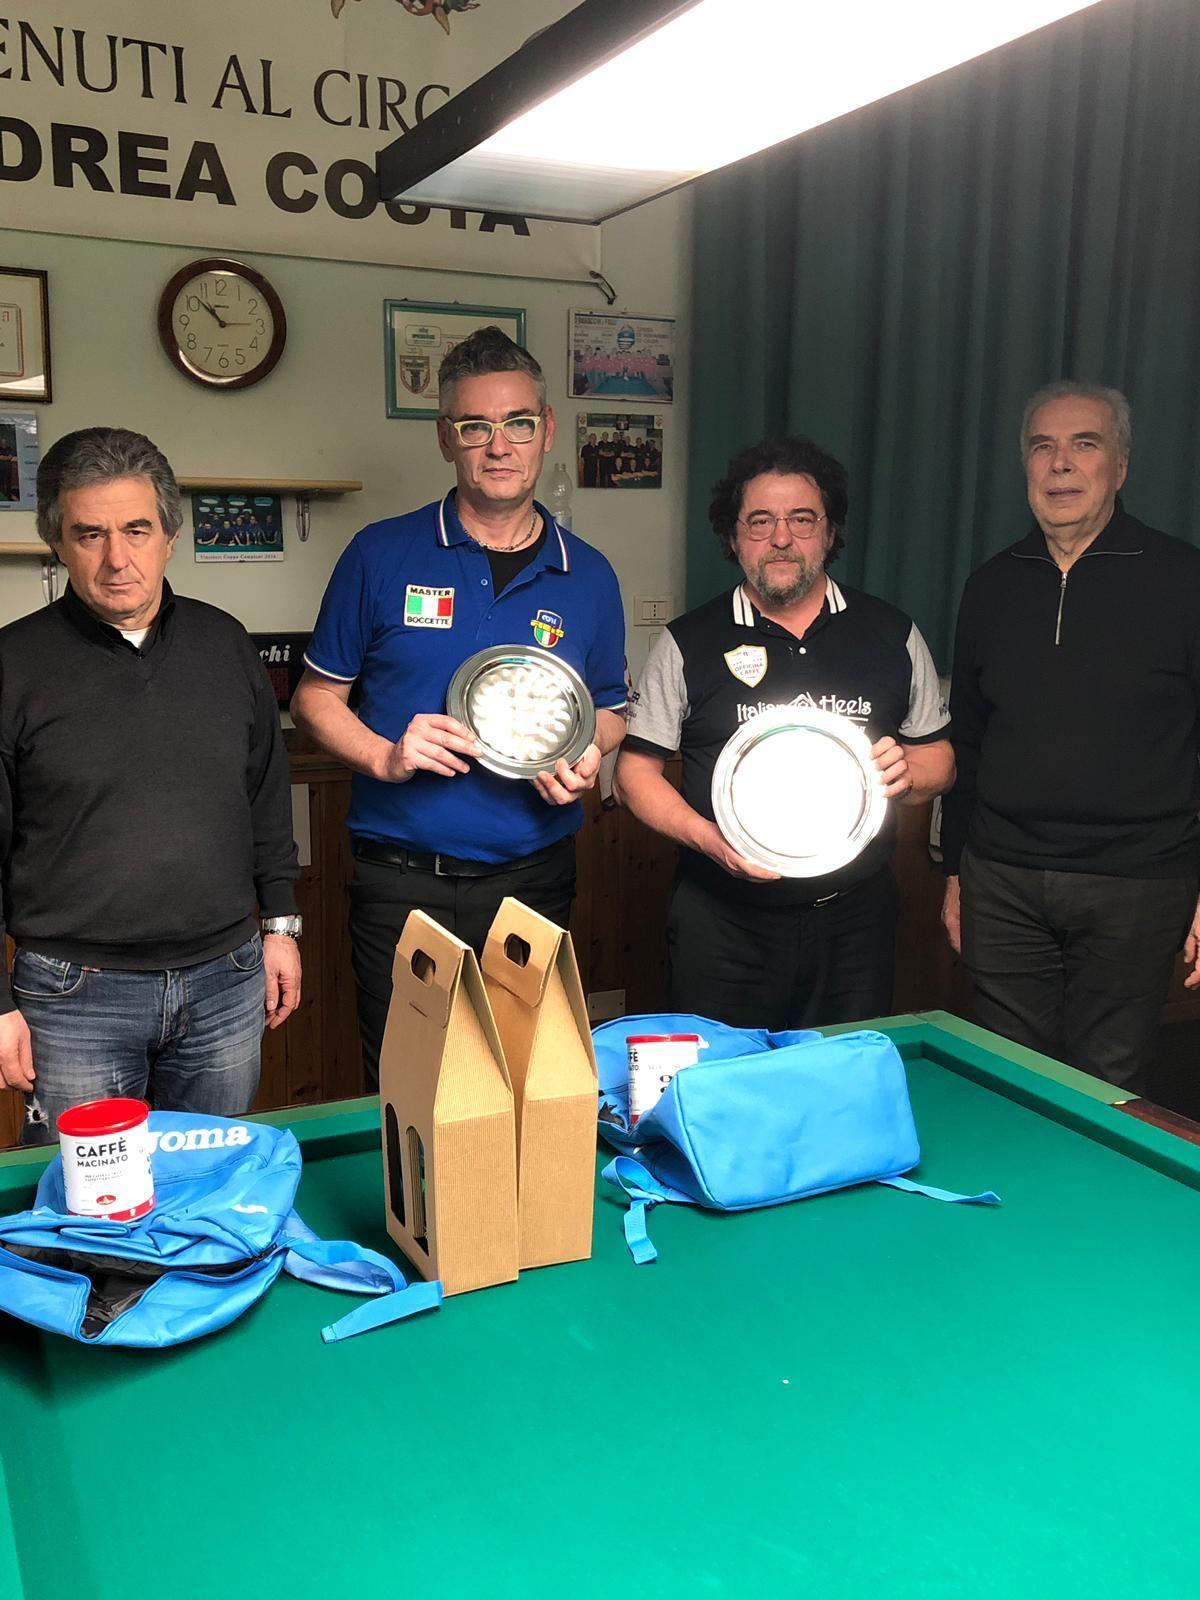 Lauro Caffari,( Pres, Fibis Reggio), Luca Molduzzi, Marco Merloni, Milo Pacchioni (Pres. Circ. A. Costa Carpi)